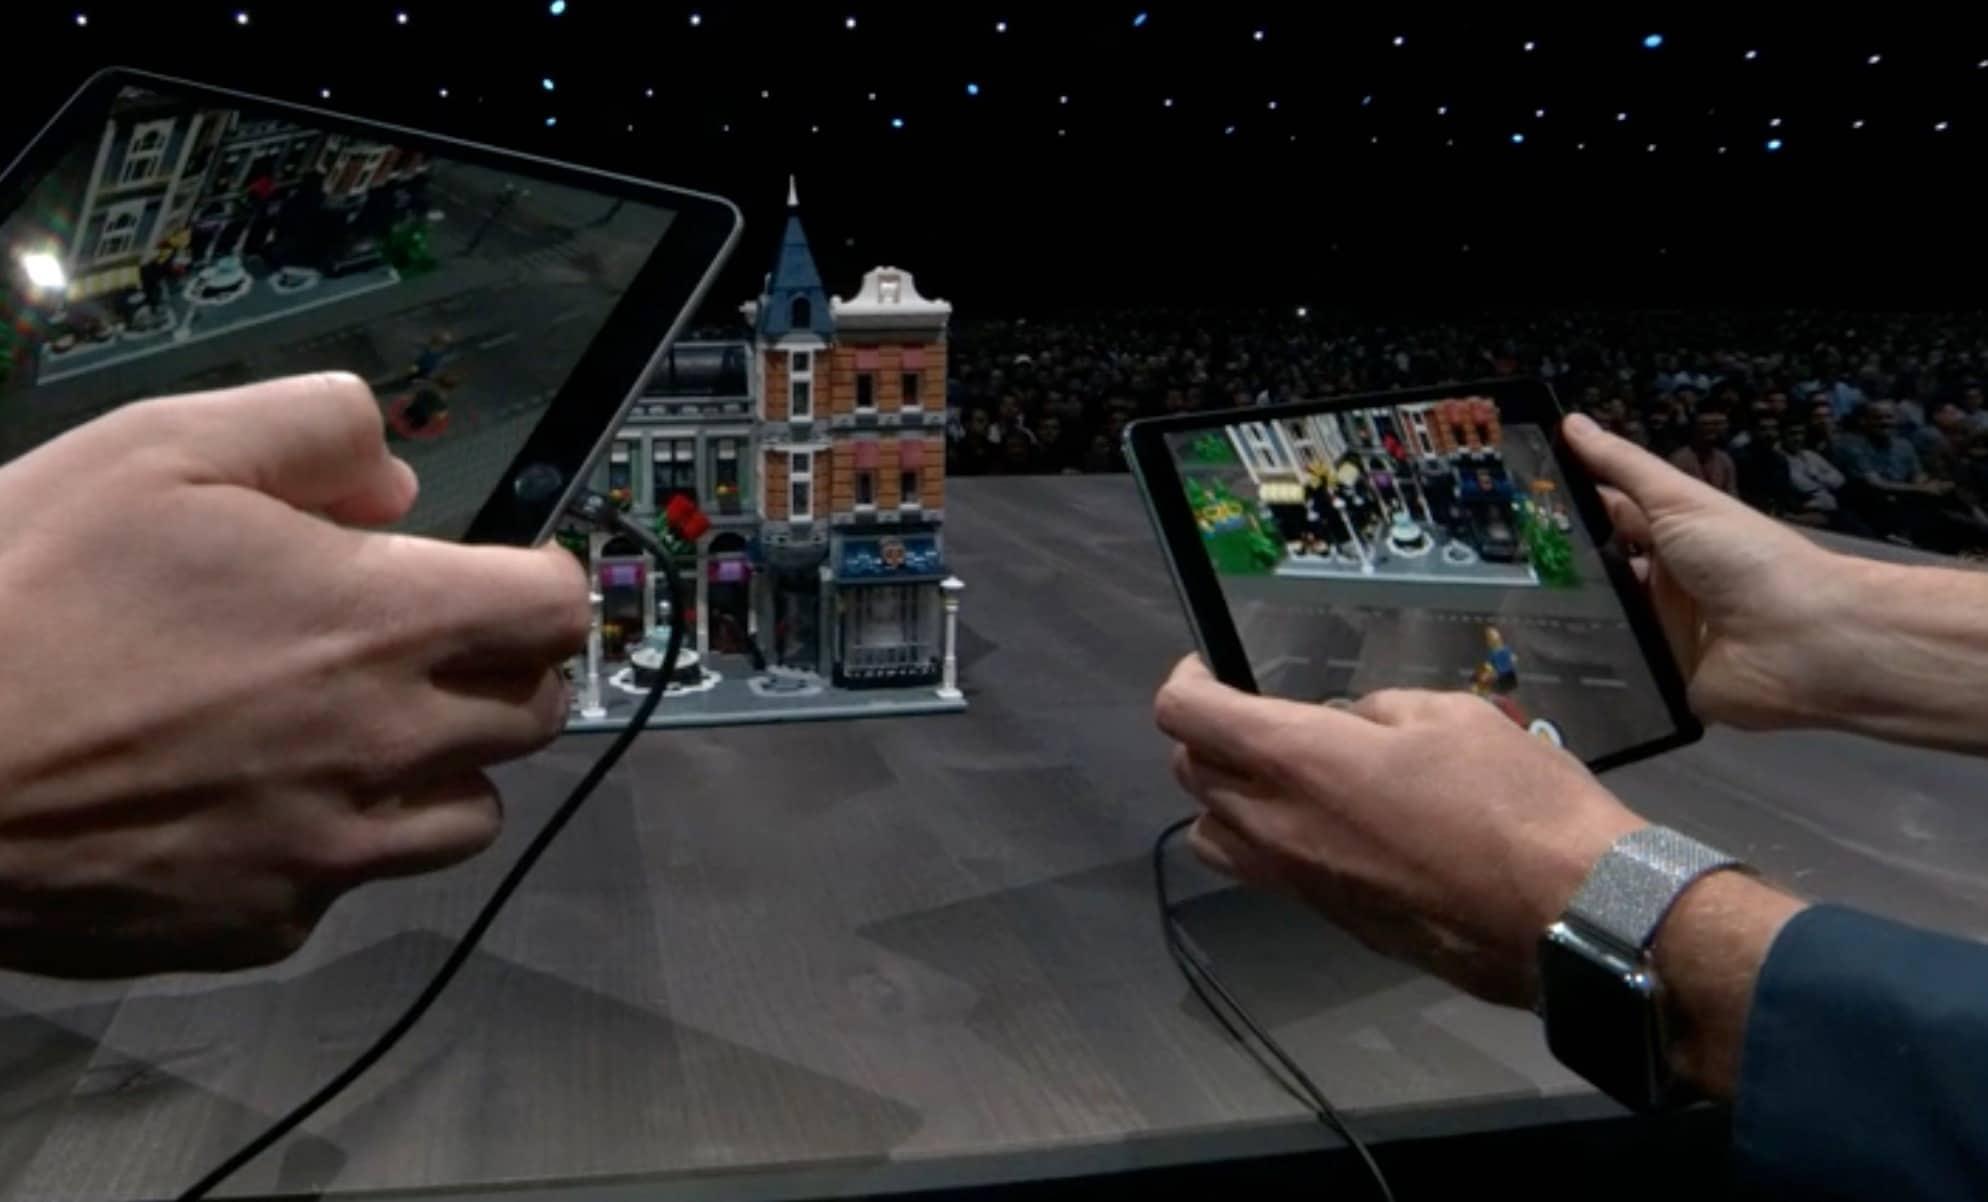 Keynote Apple 2018 WWDC Lego réalité augmenté